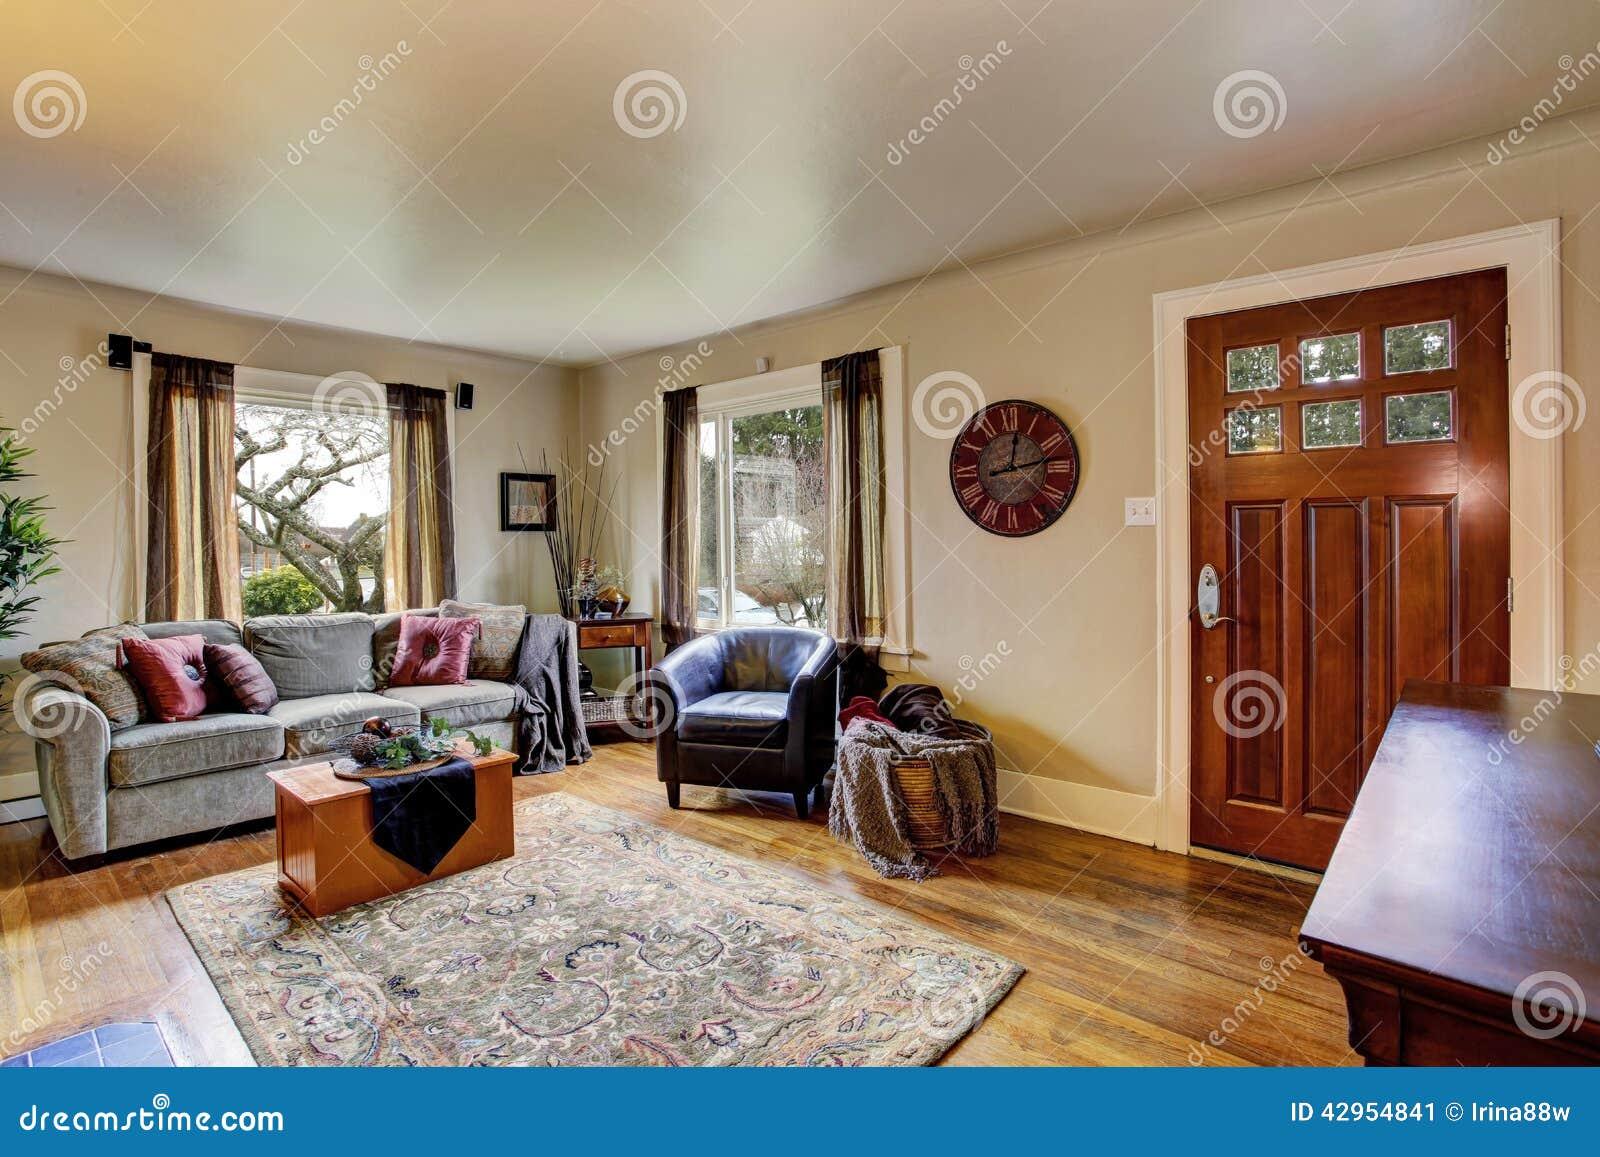 int rieur de salon dans la maison am ricaine image stock. Black Bedroom Furniture Sets. Home Design Ideas